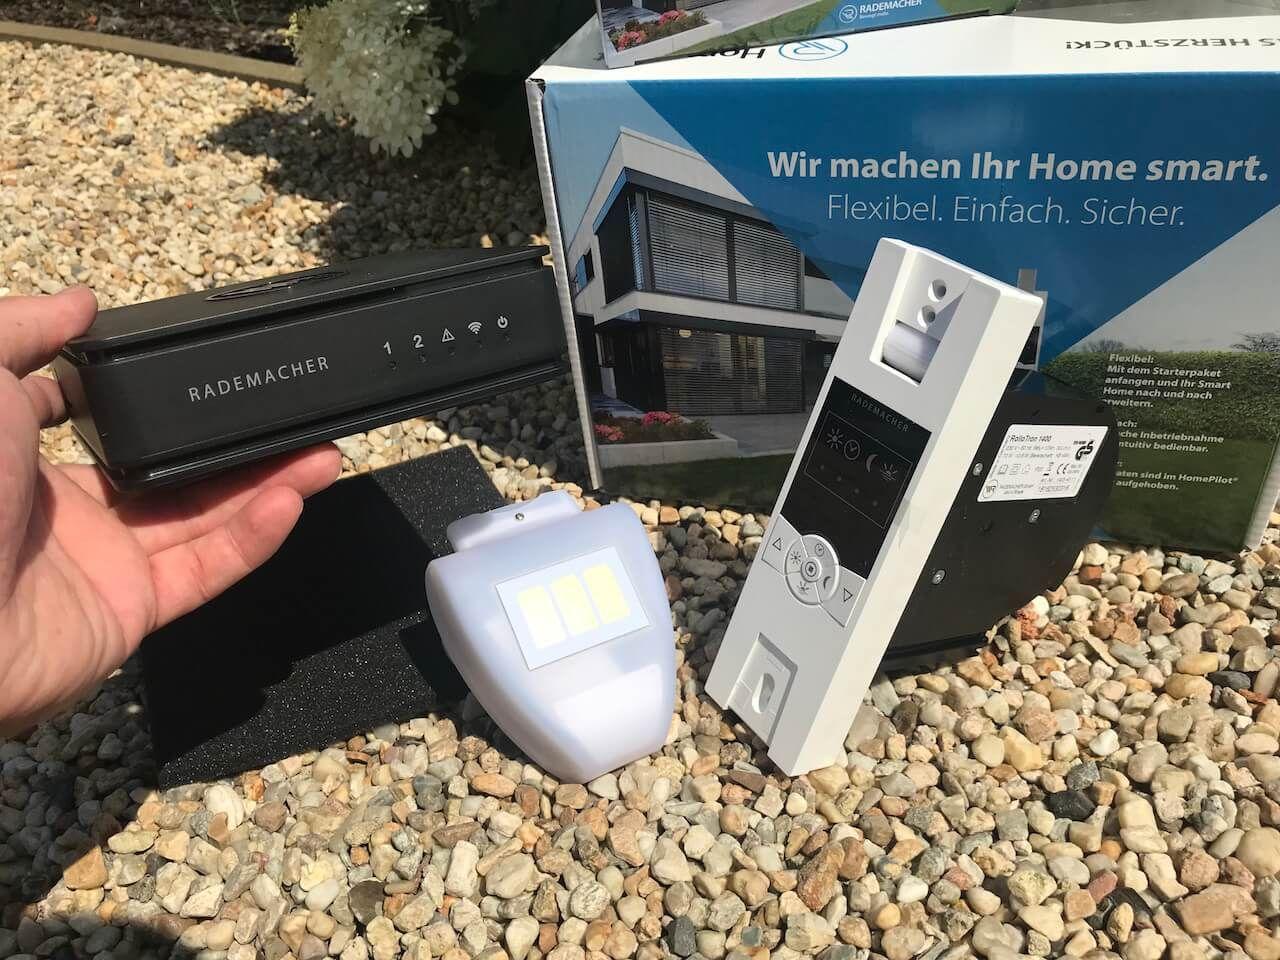 Komfort Zum Nachrusten Elektrischer Gurtwickler Von Rademacher Smarthome Blog Elektrisch Jalousien Geld Sparen